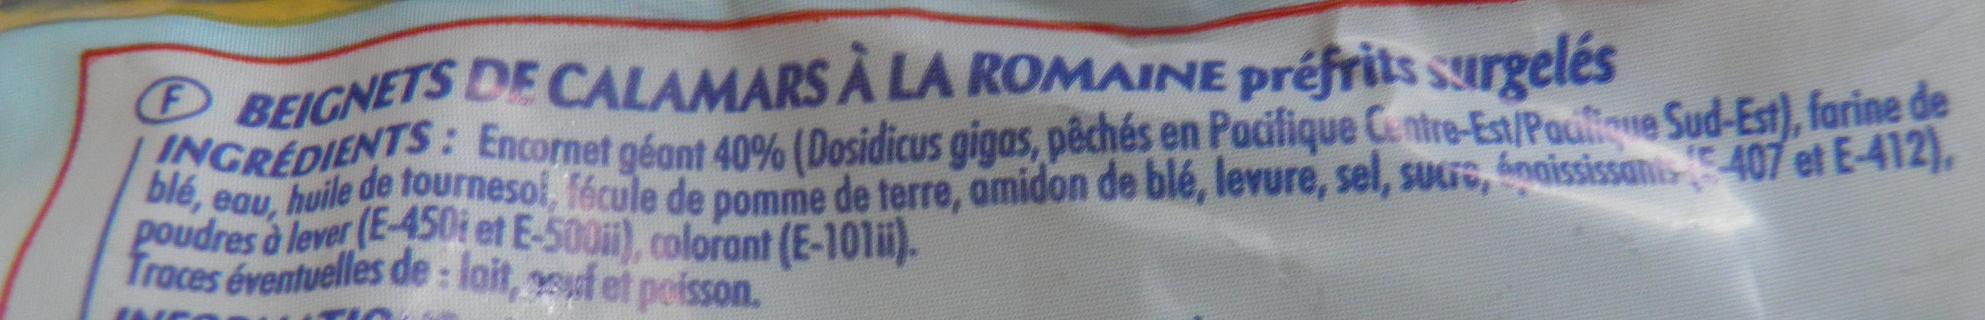 Calamars à la Romaine Odyssée - Ingrédients - fr